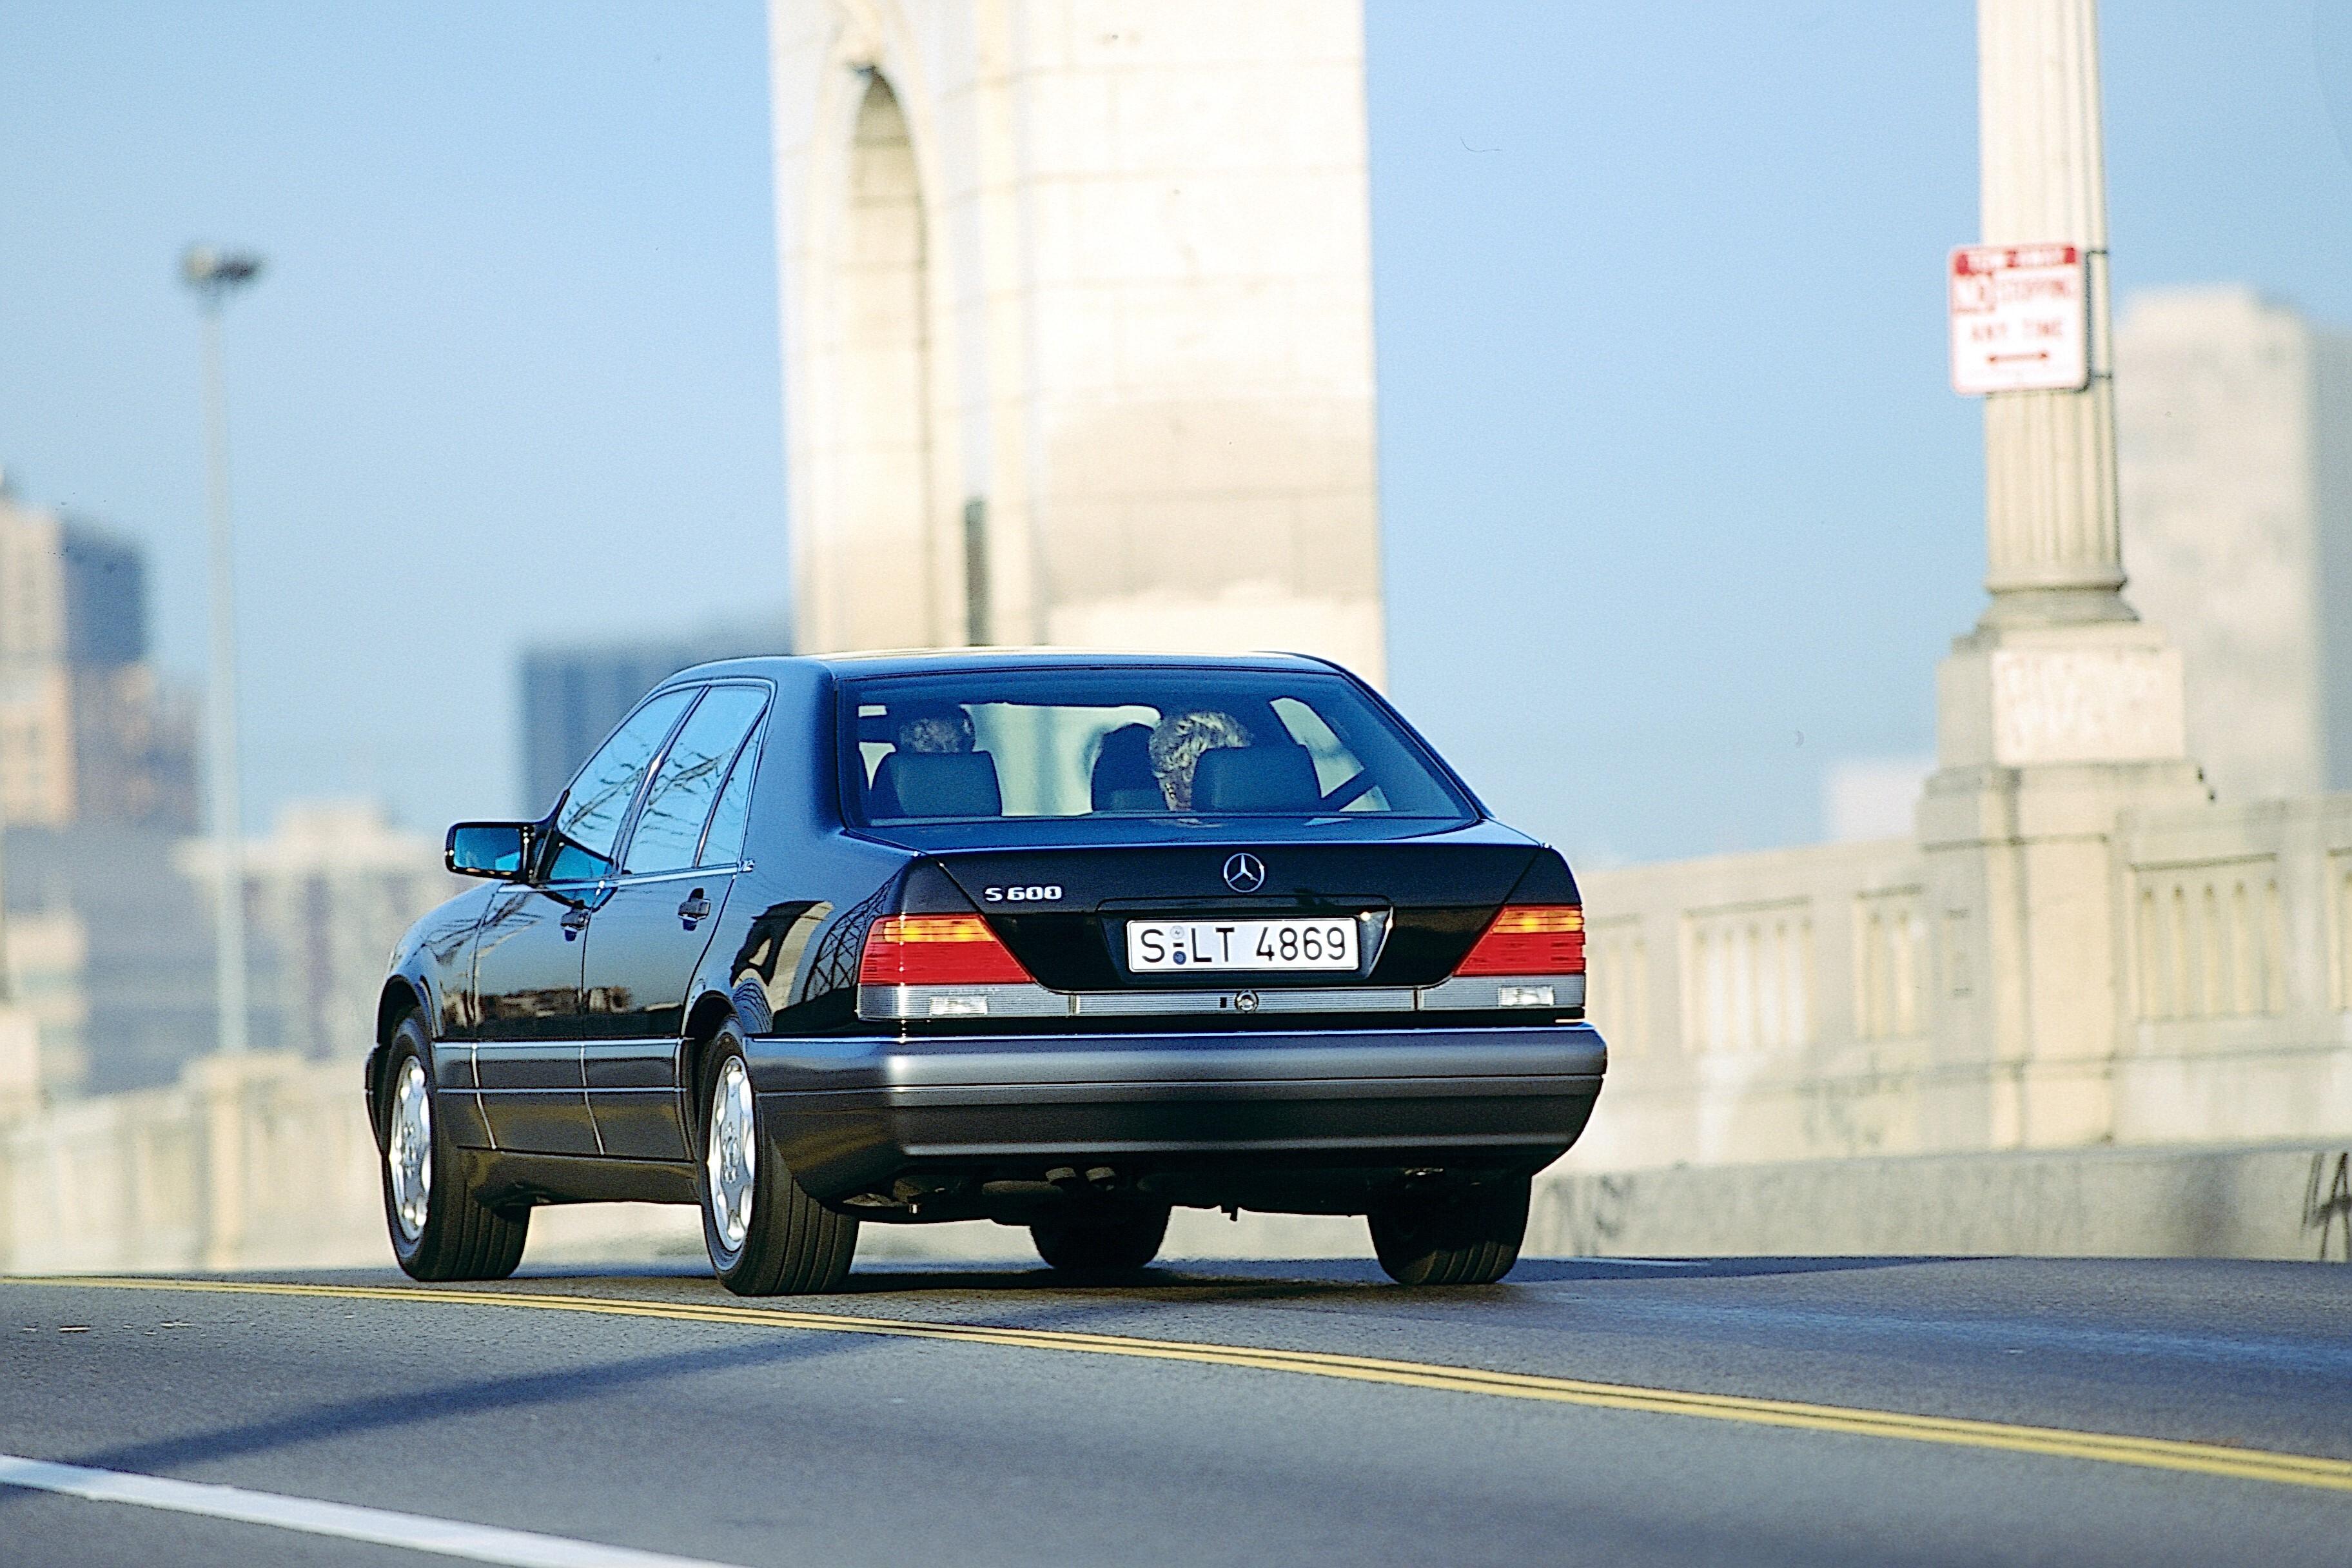 Mercedes-Benz S600 (W140) — легендарная модель